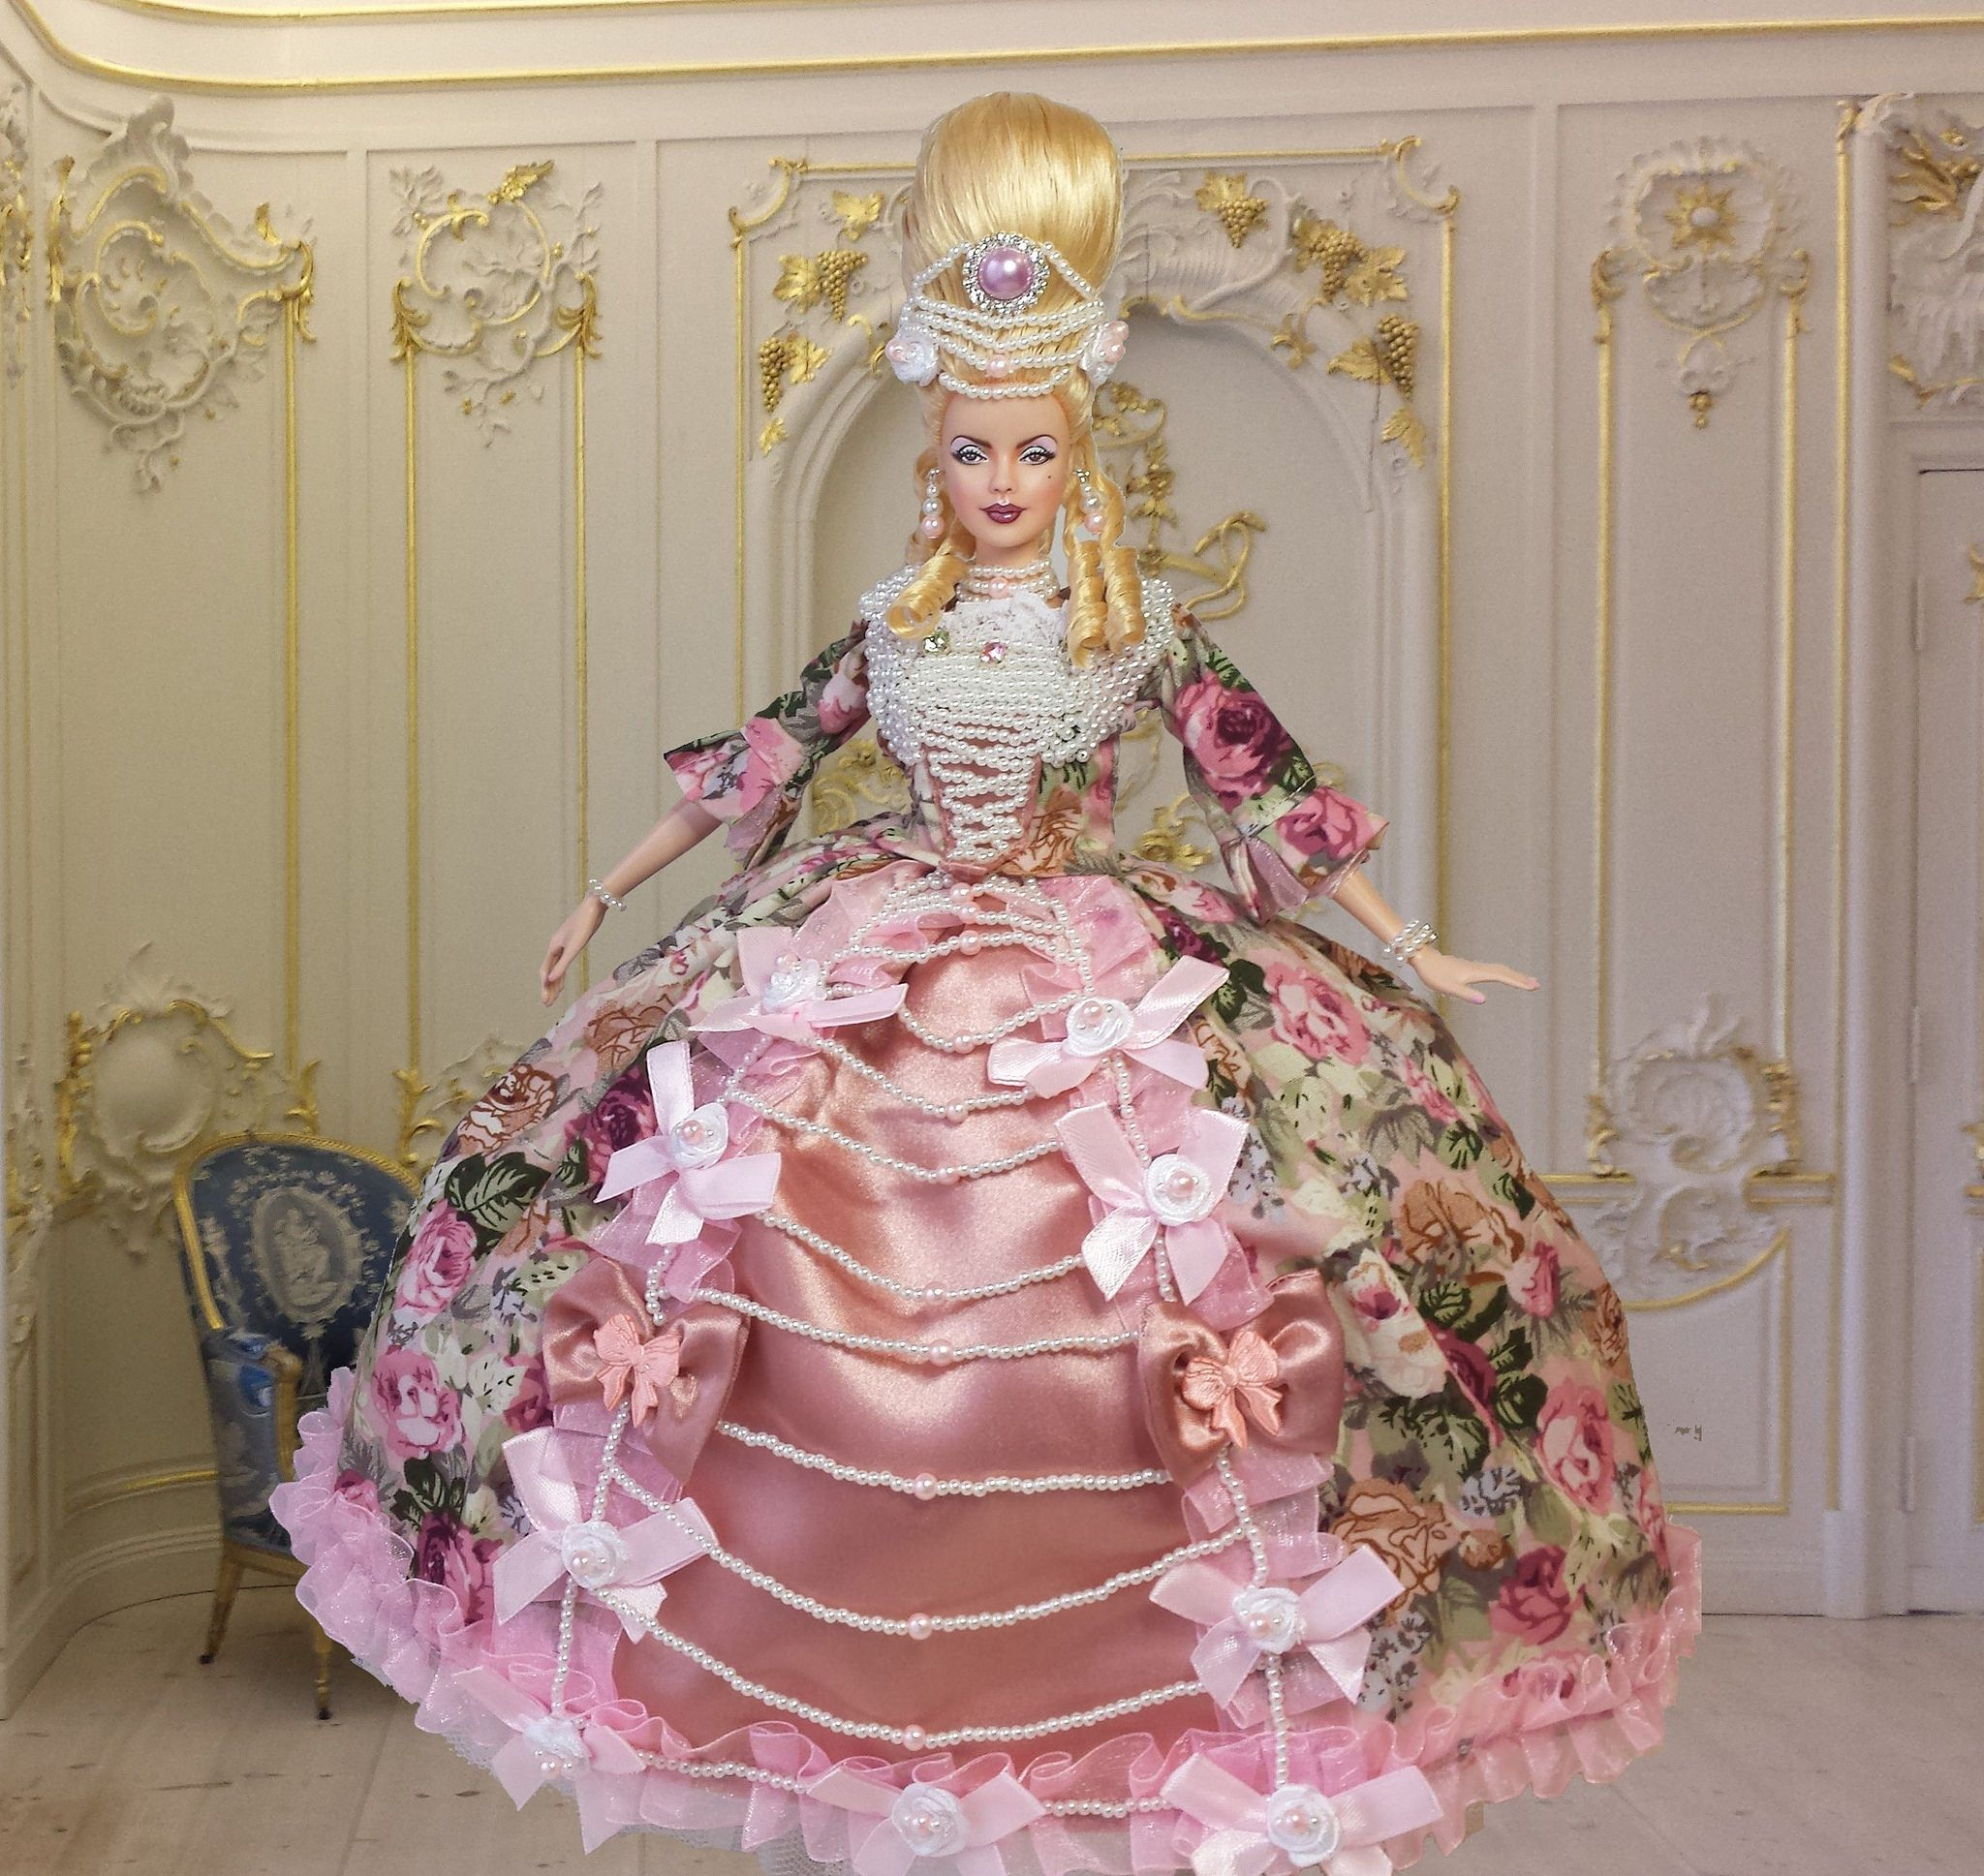 barbie marie antoinette ooak muse collector repaint doll by imperialis - Barbie Marie